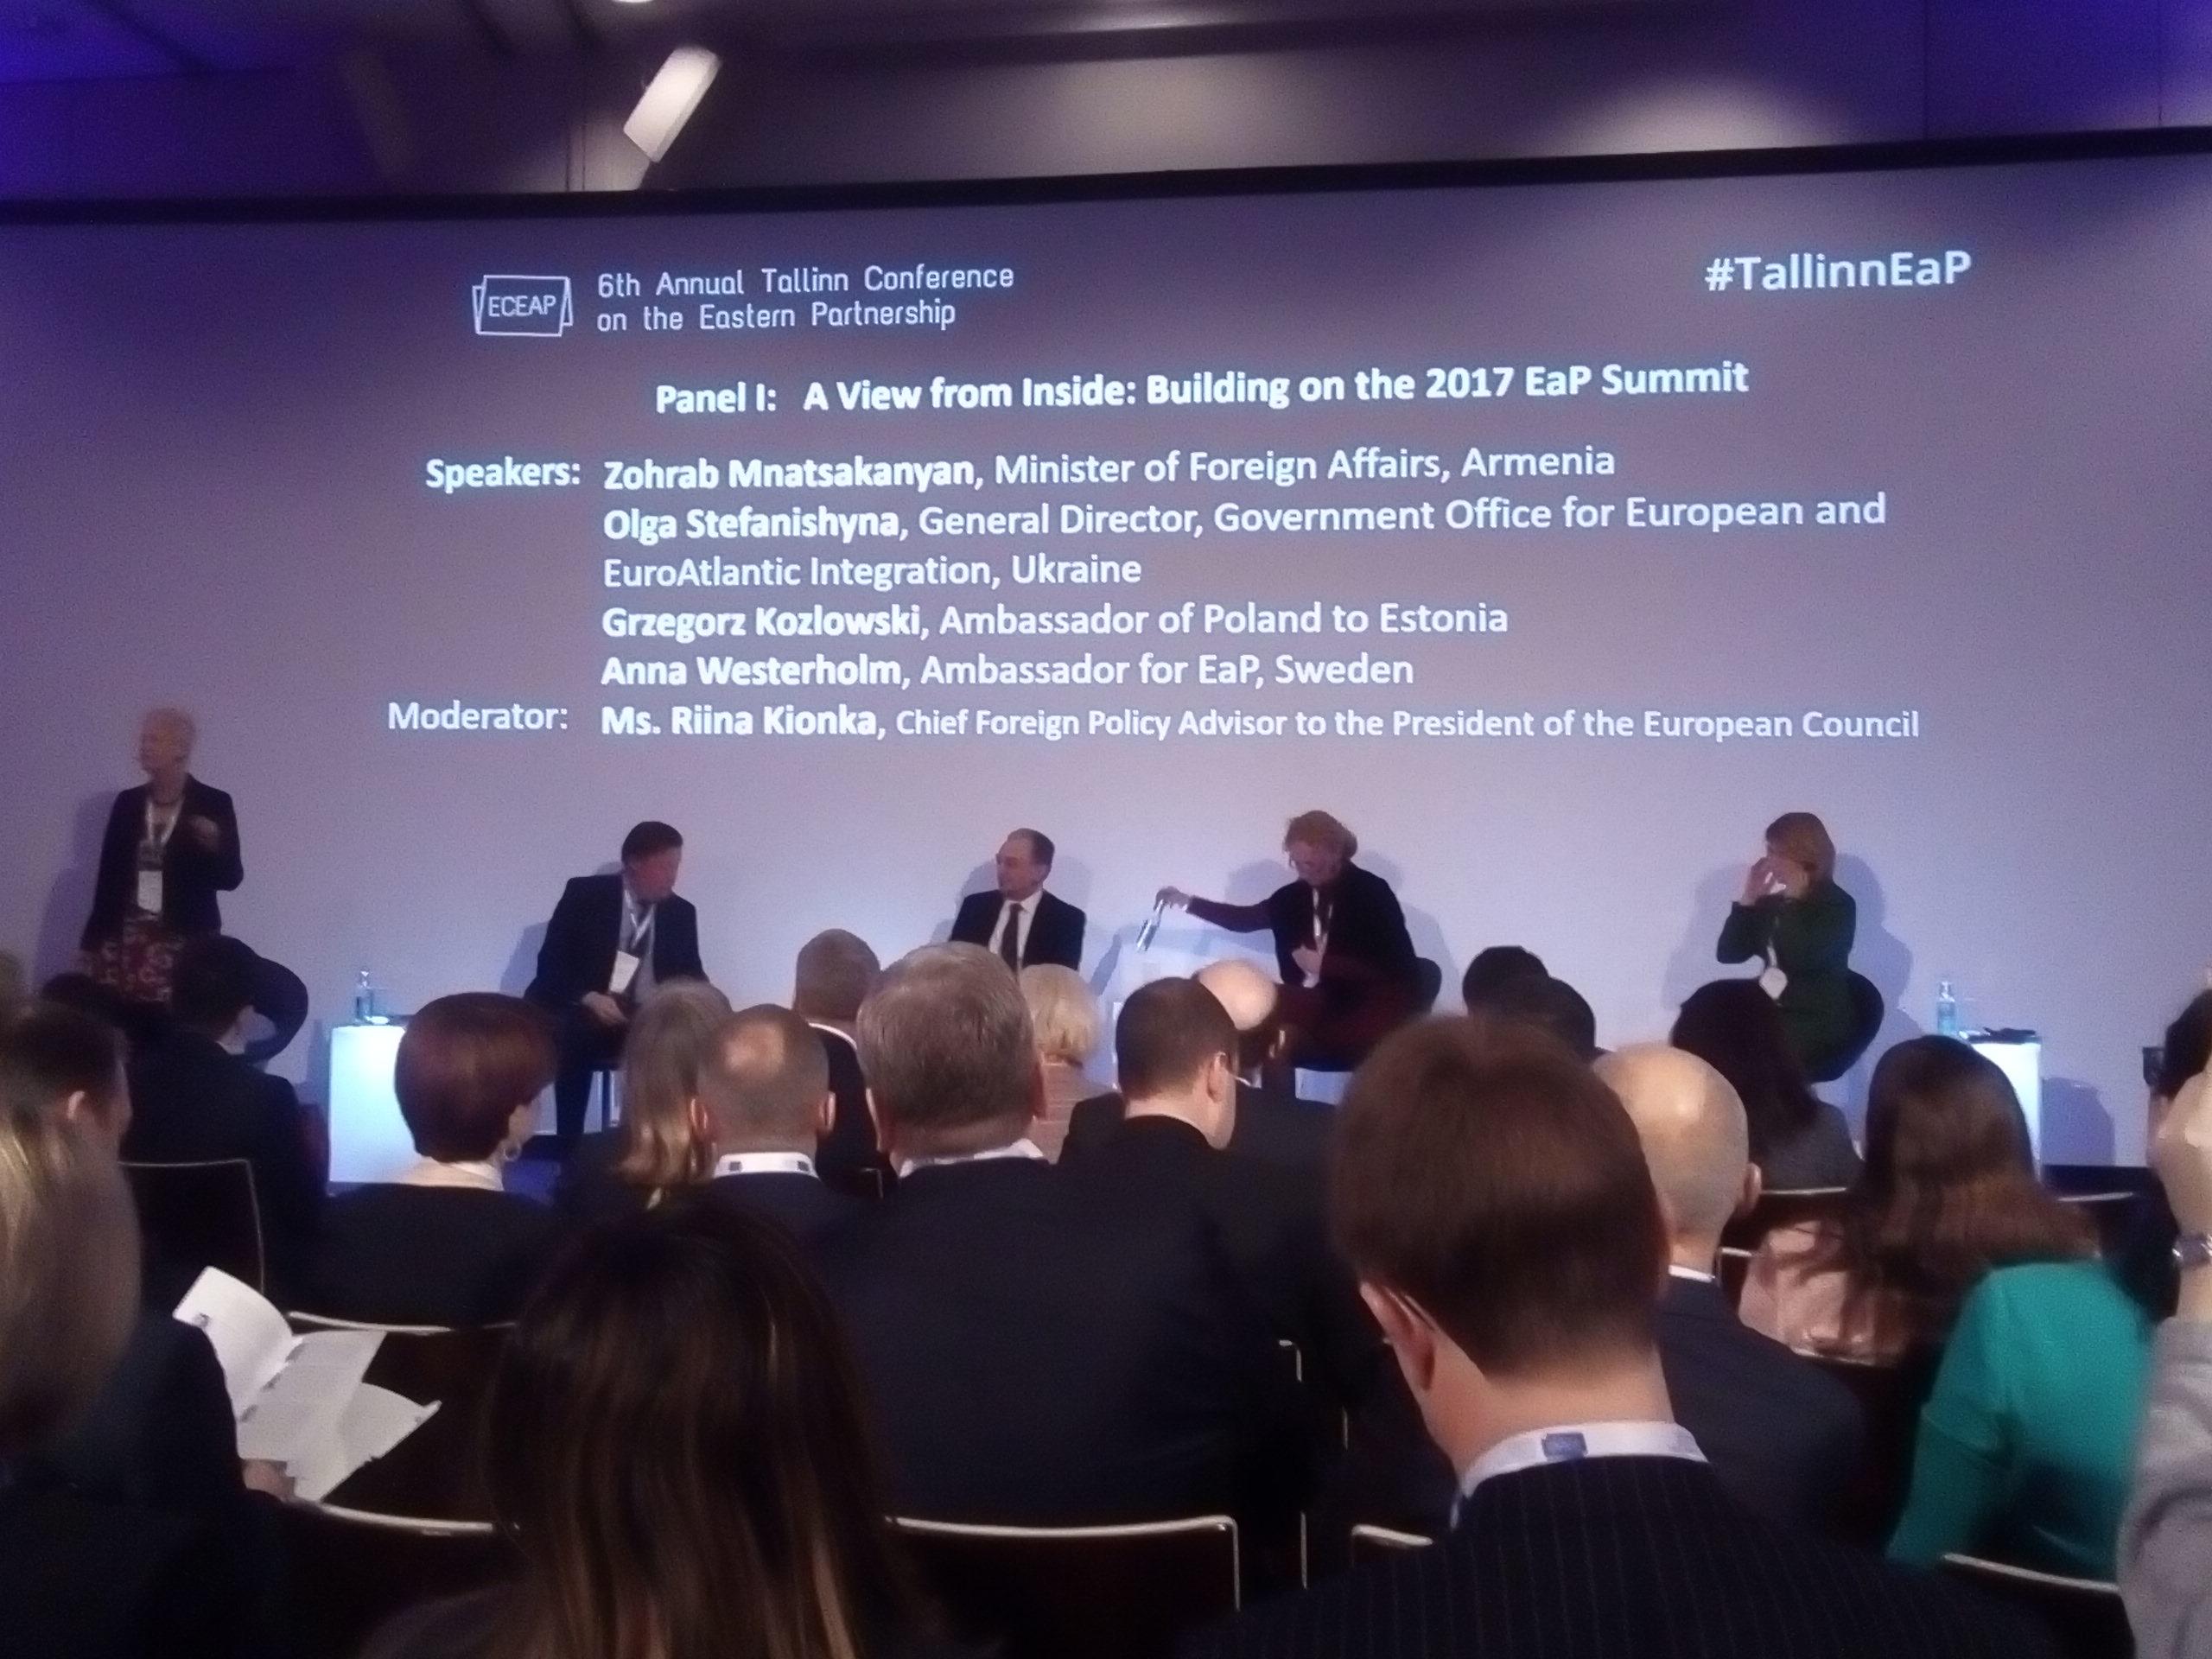 """""""საქართველო უნდა იყოს მზად იმ მომენტისათვის როცა ევროკავშირი კარს გაუღებს"""" – განაცხადა ტალინის კონფერენციაზე მიხეილ ჯანელიძემ"""